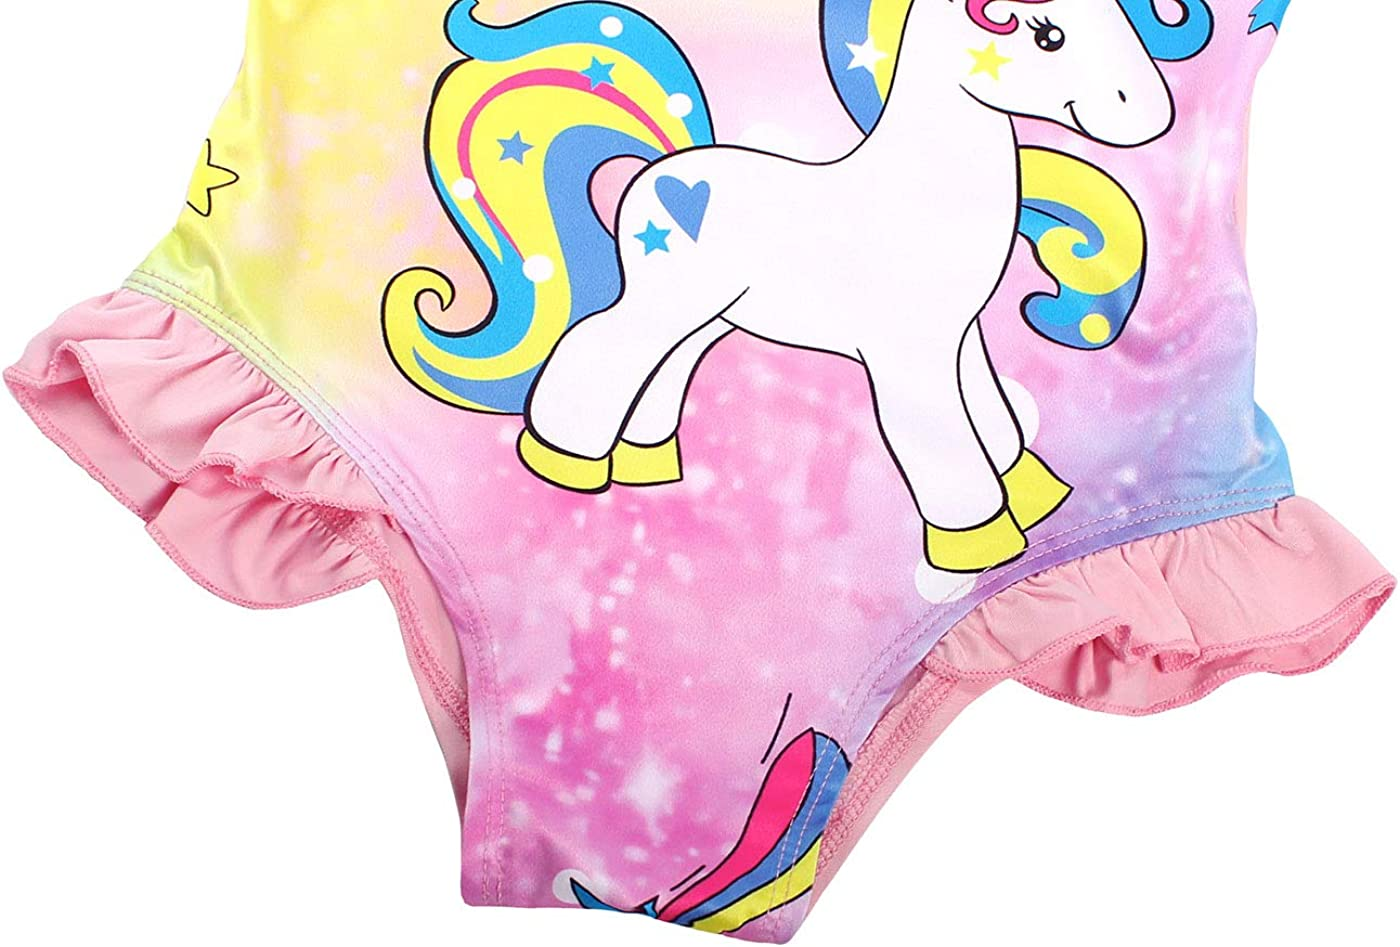 Jurebecia Ragazze Unicorno Un Pezzo Costumi da Bagno Senza Maniche Colorato Costume da Bagno Bambini Piscina Spiaggia Vacanza